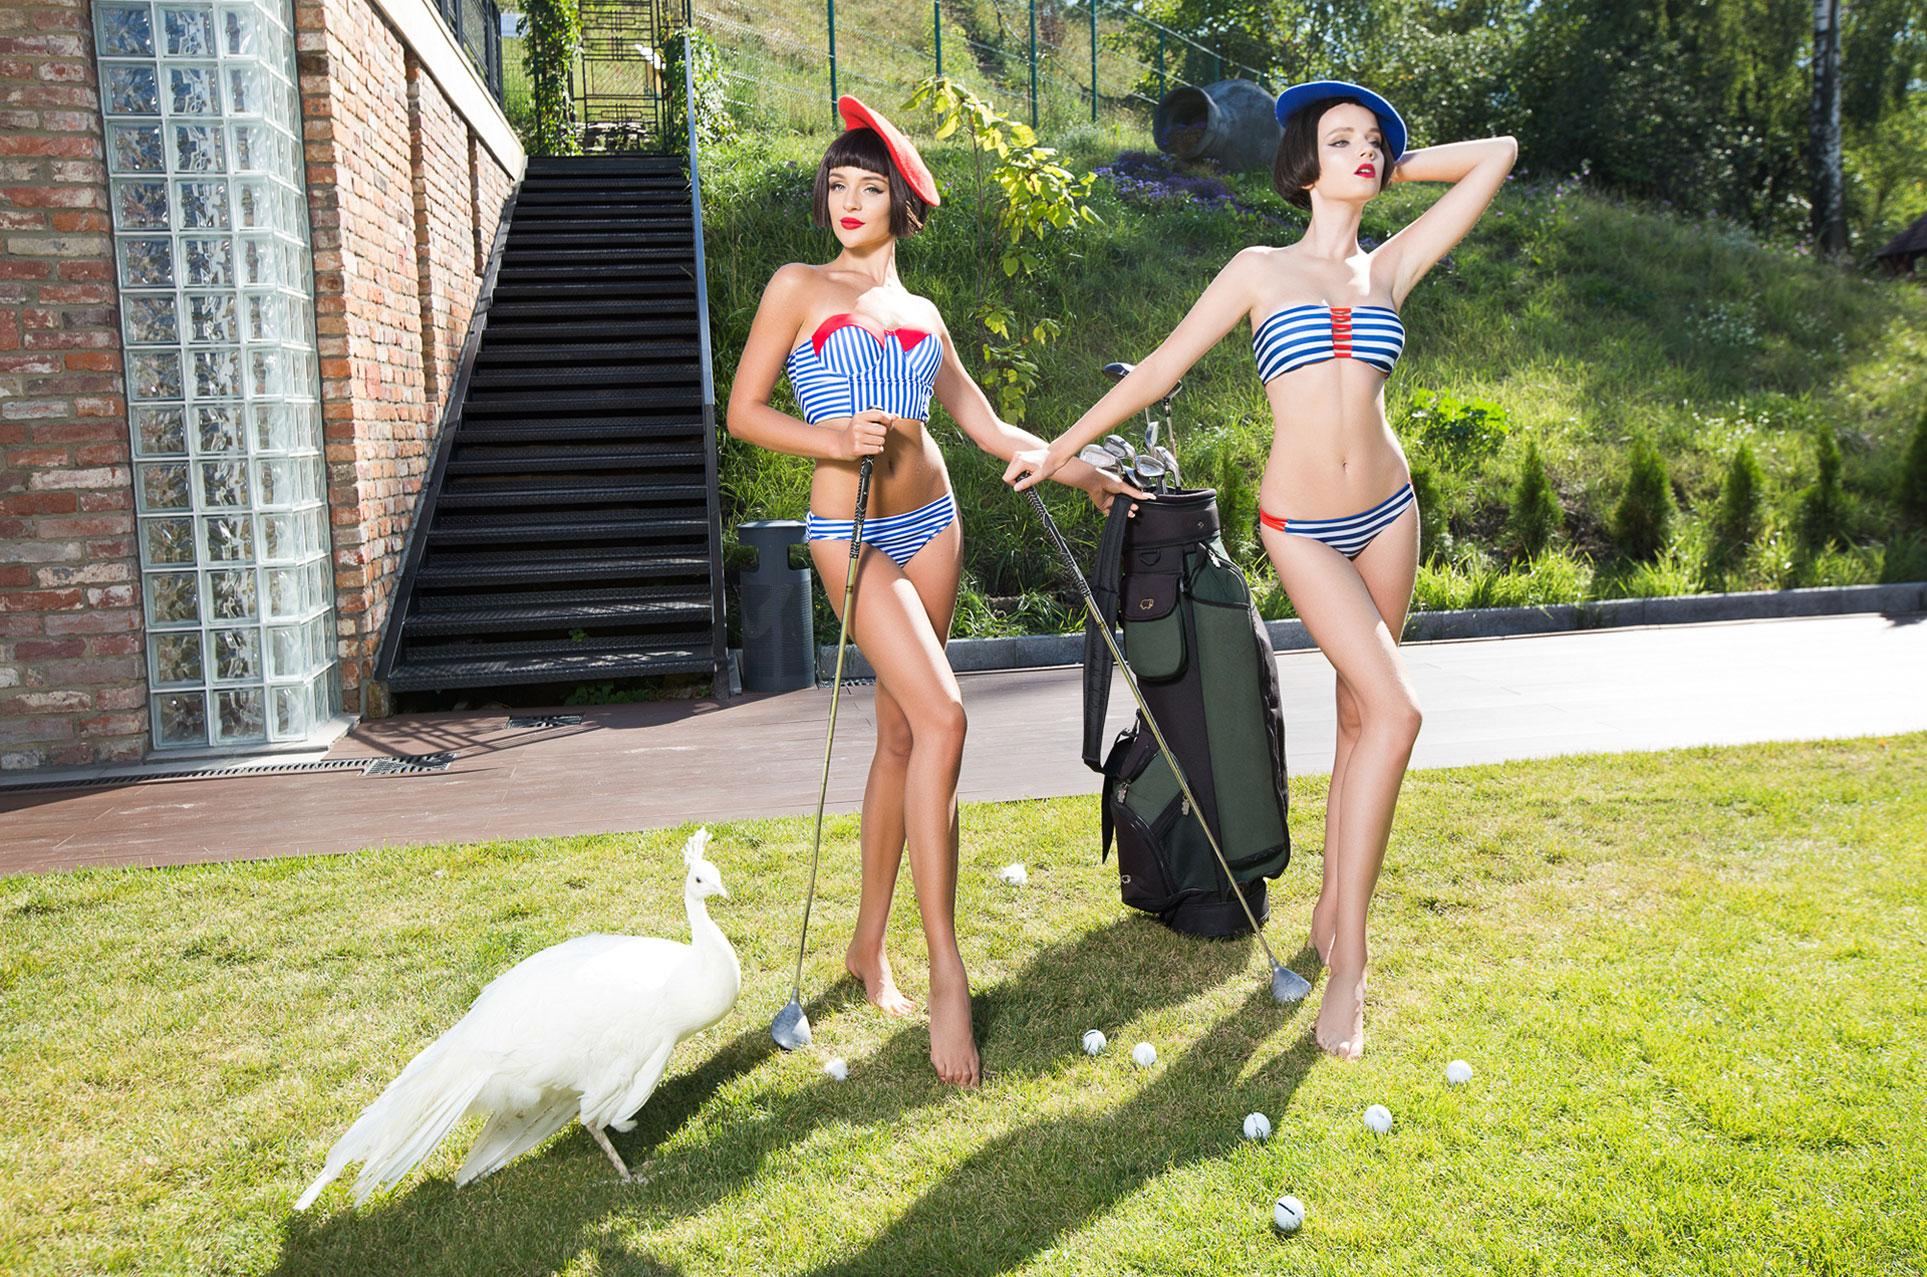 Купальники и нижнее белье Black Bunny, коллекция 2017 года / фотограф Соня Плакидюк